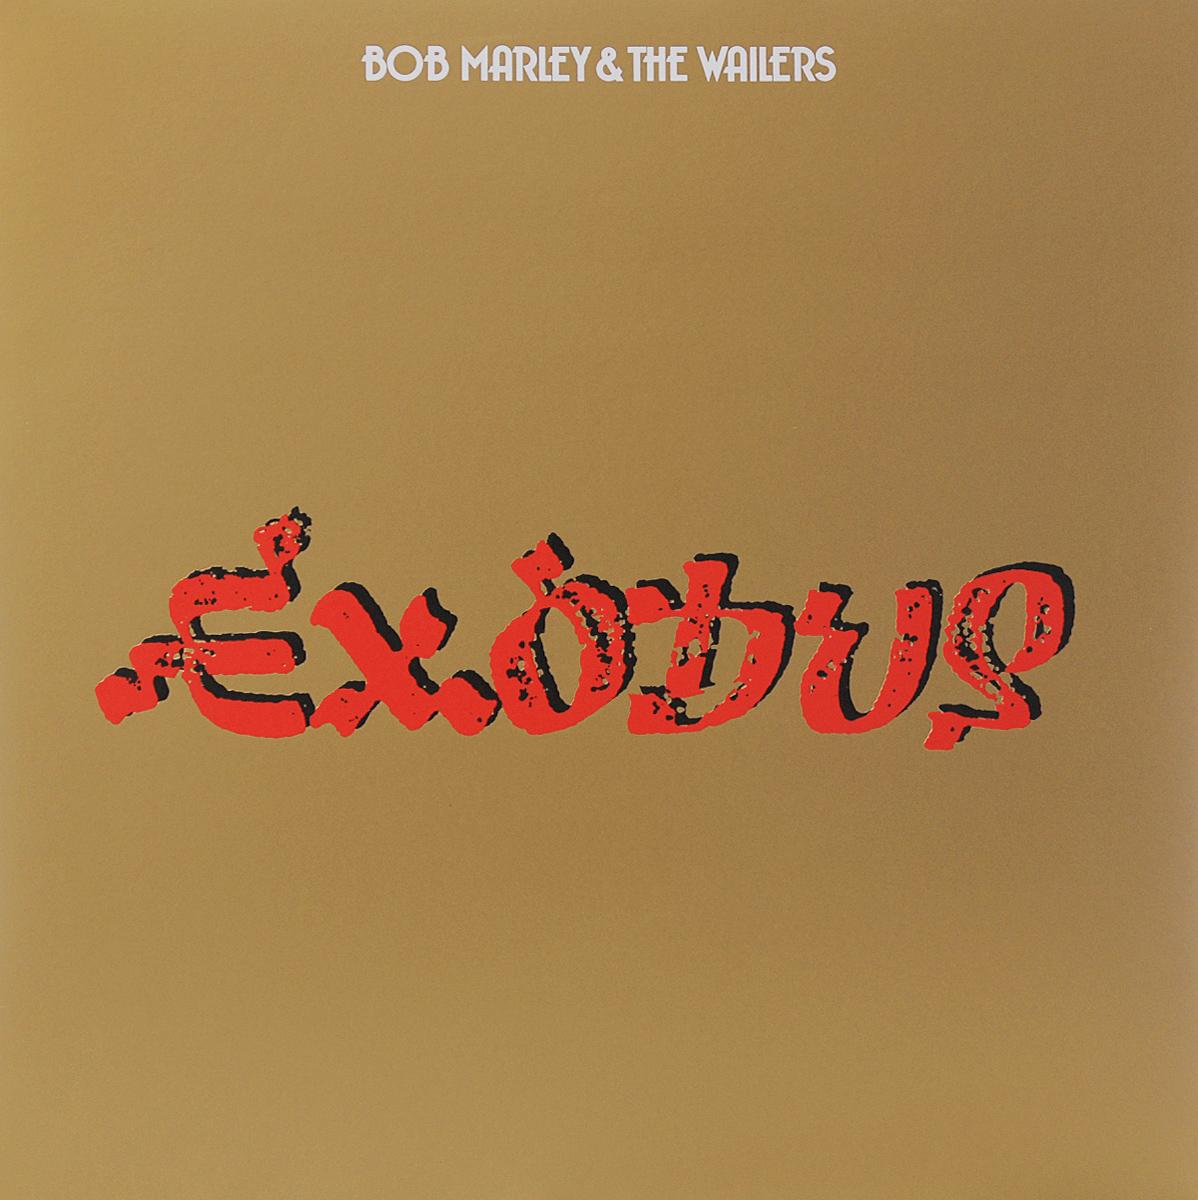 Издание содержит буклет с текстами песен на английском языке. Диск упакован в Super Jewel Box и вложен в картонную коробку.